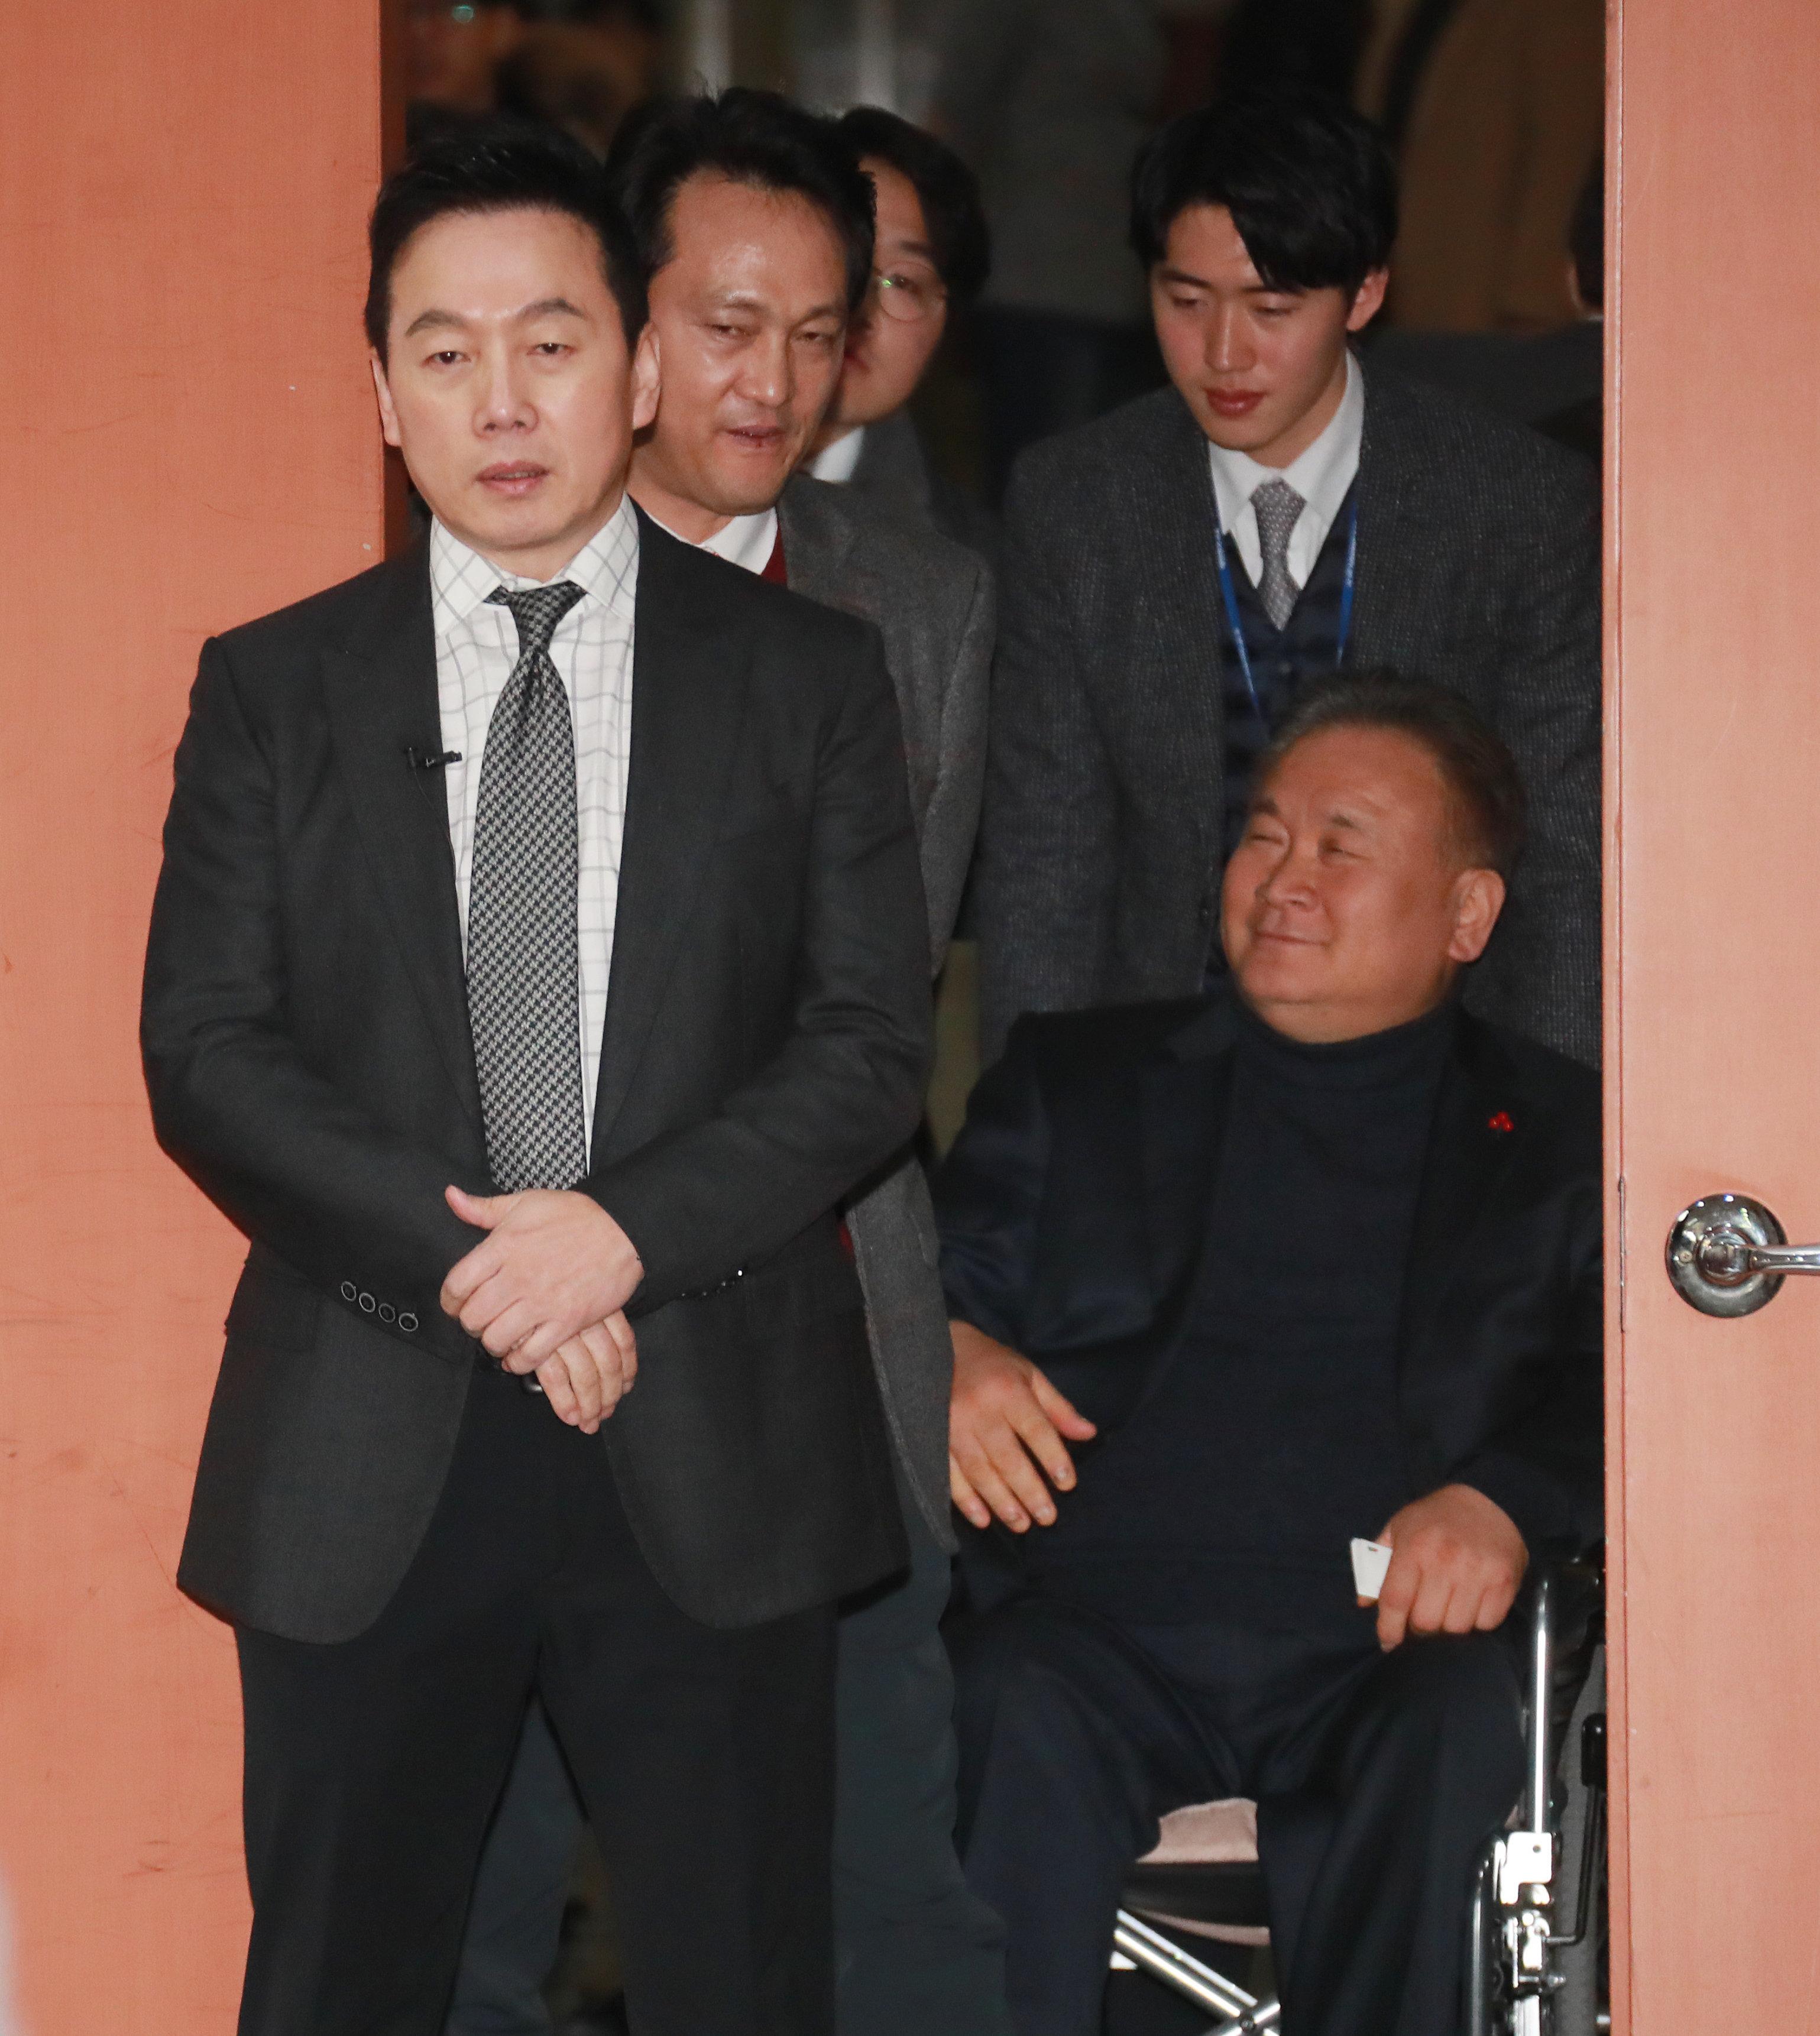 성추행 의혹이 터지자 정봉주씨가 서울시장 출마 선언을